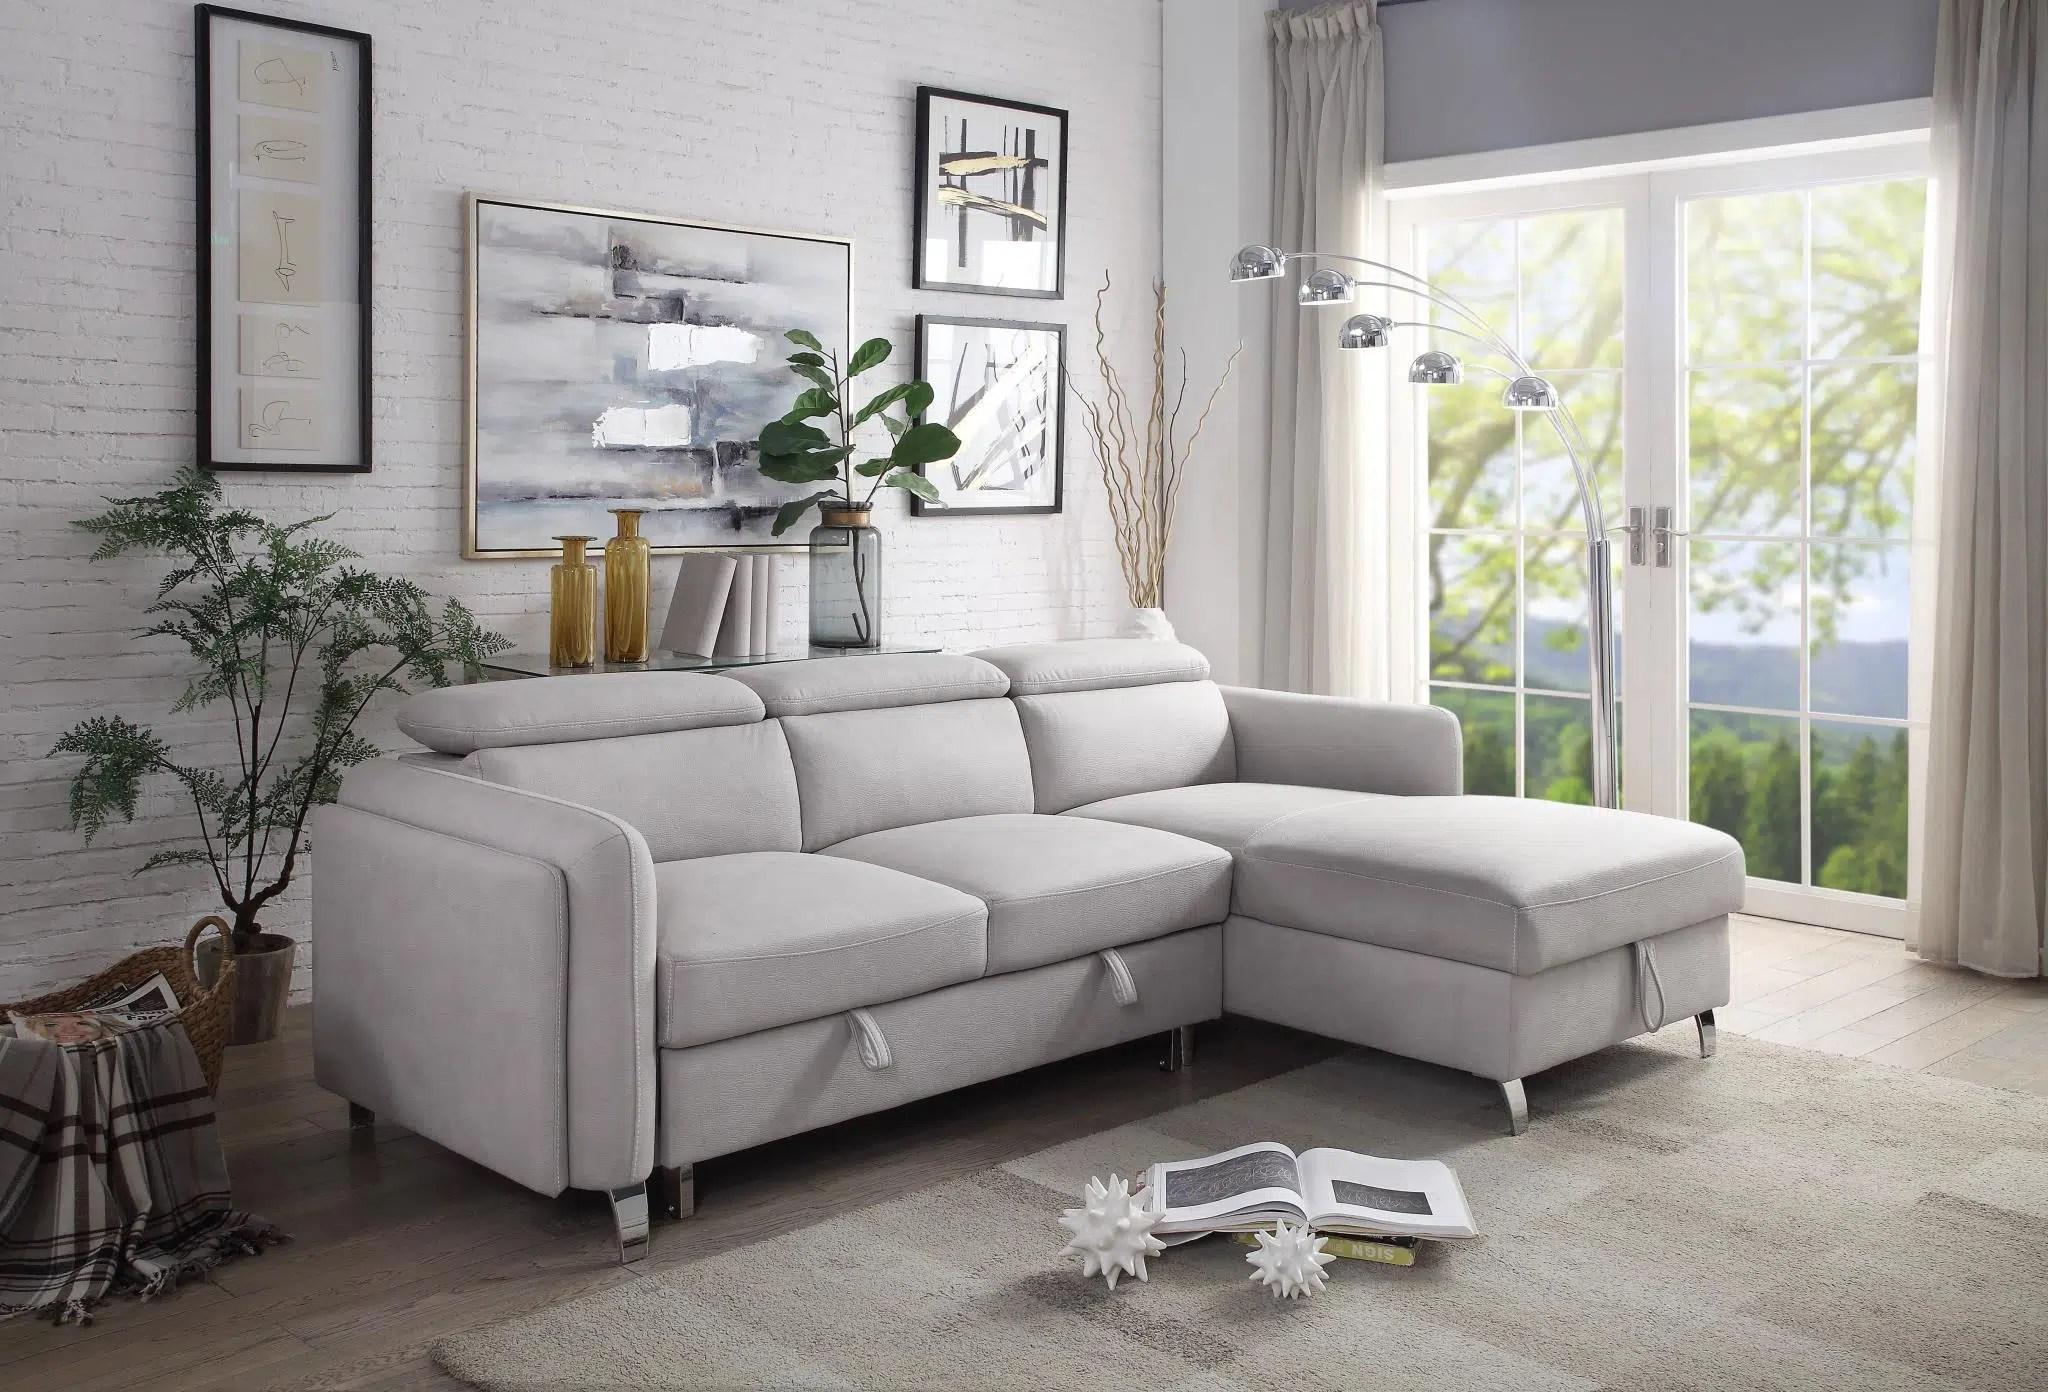 reyes sleeper sectional sofa